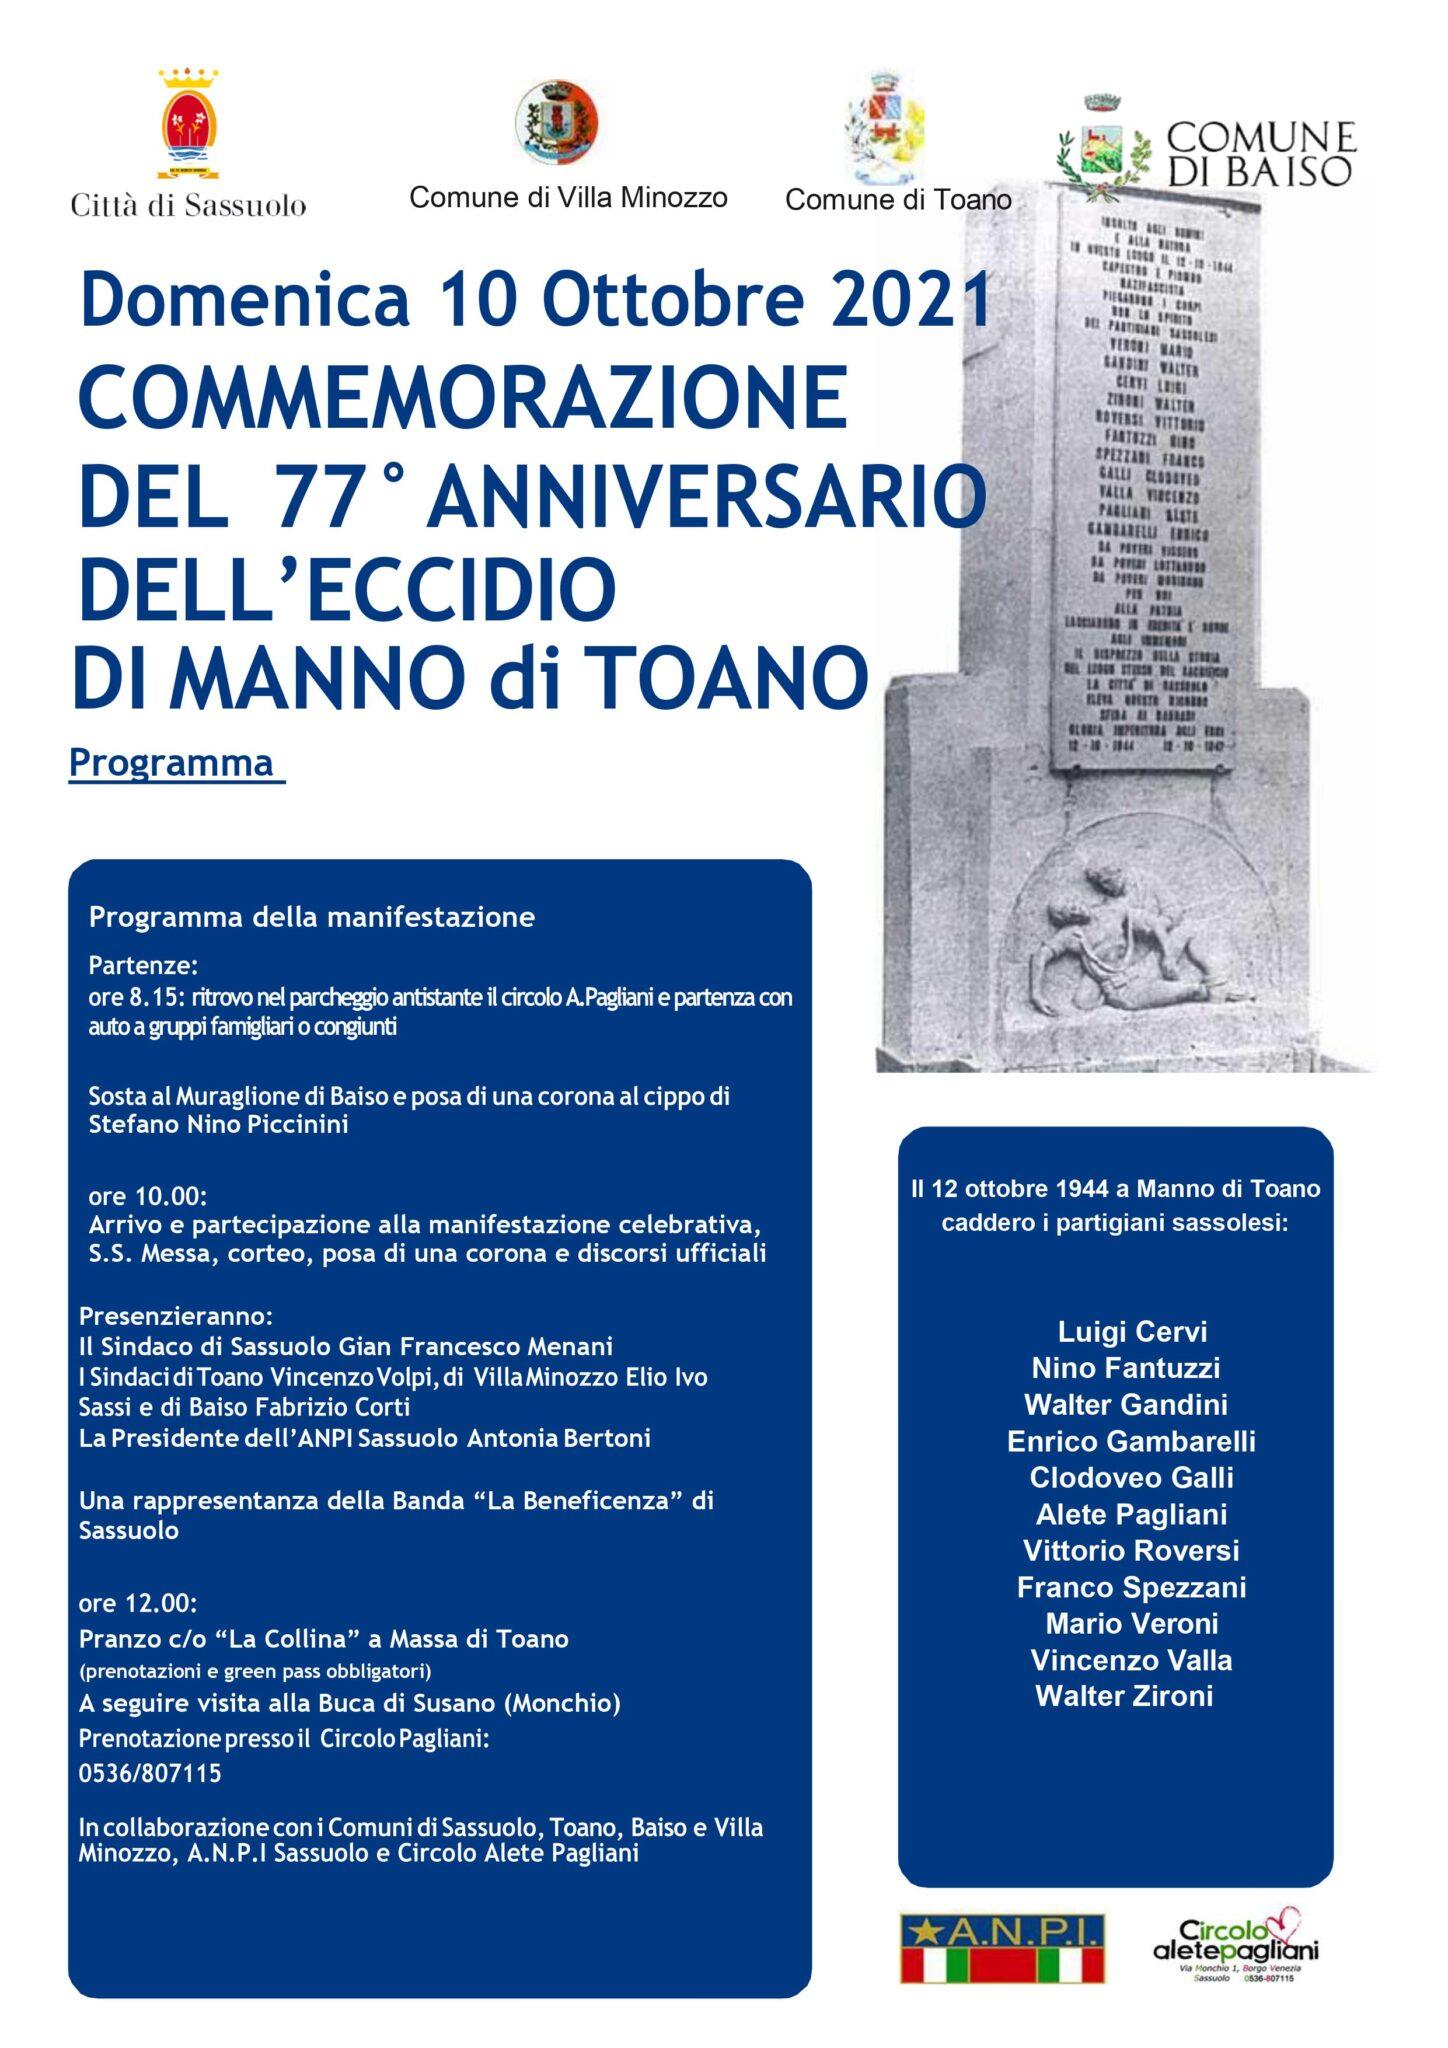 Domenica 10 Ottobre 2021 Commemorazione del 77° Anniversario dell'Eccidio di Manno di Toano